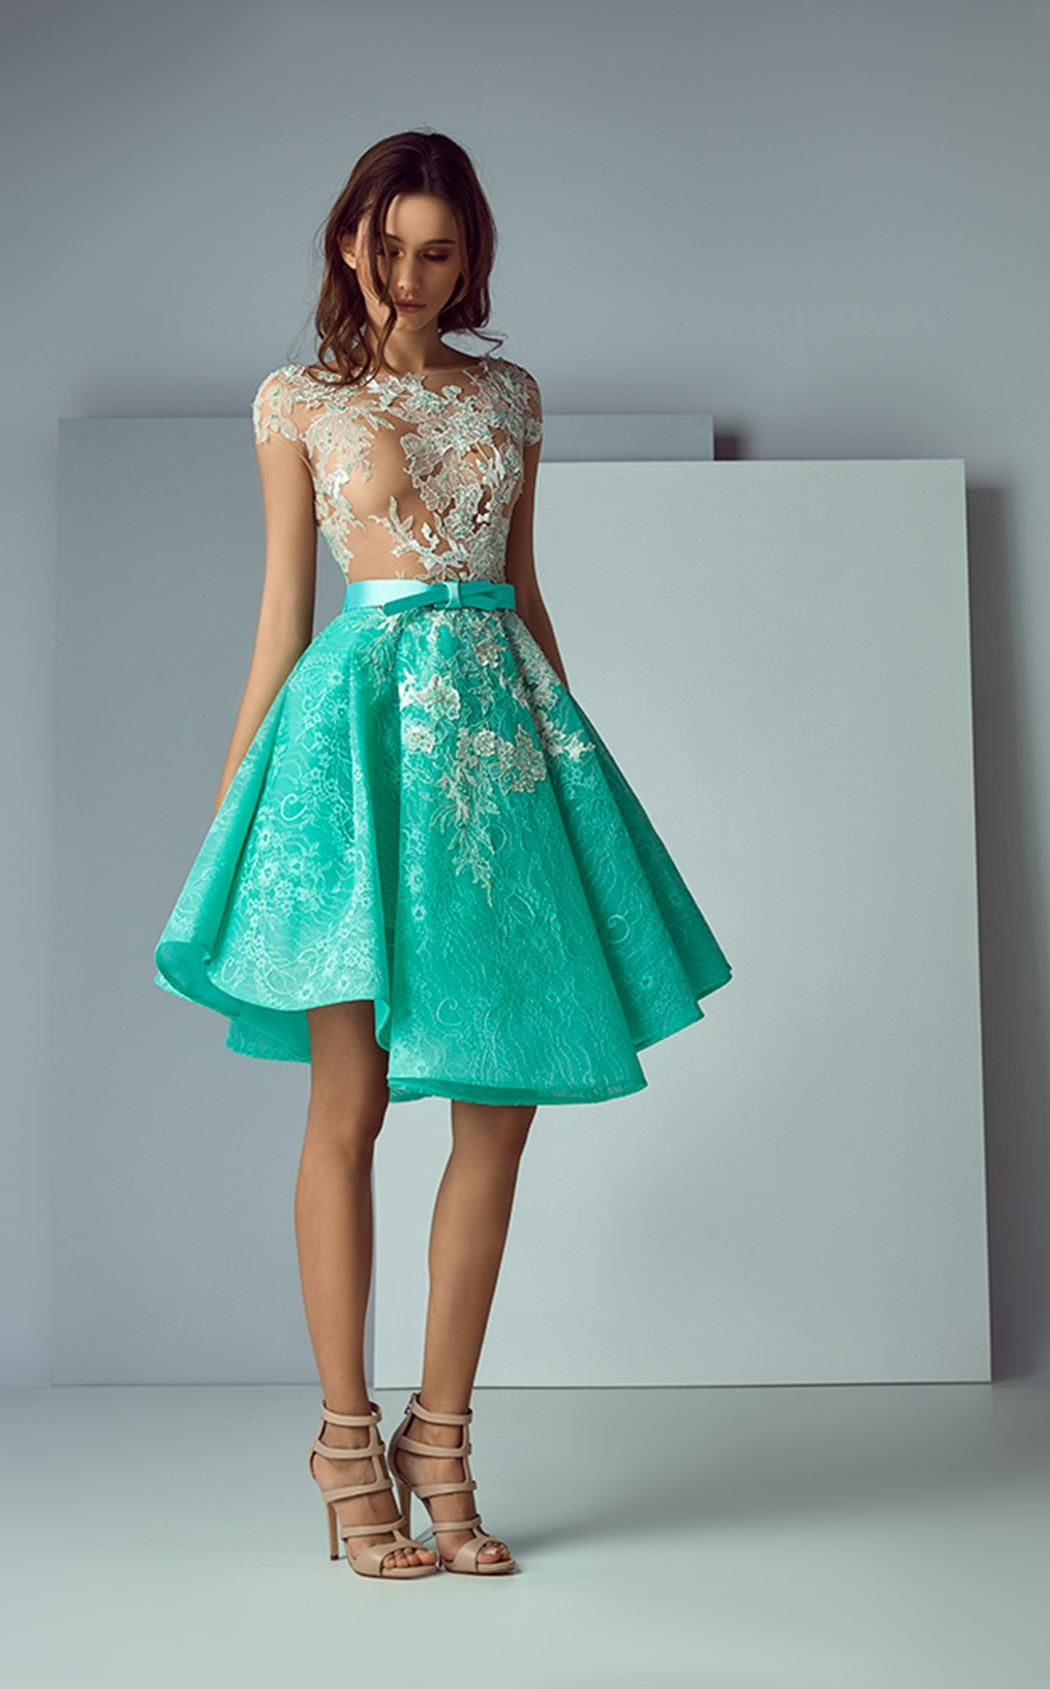 30 сногсшибательных вечерних платьев от Saiid Kobeisy. Браво дизайнеру!